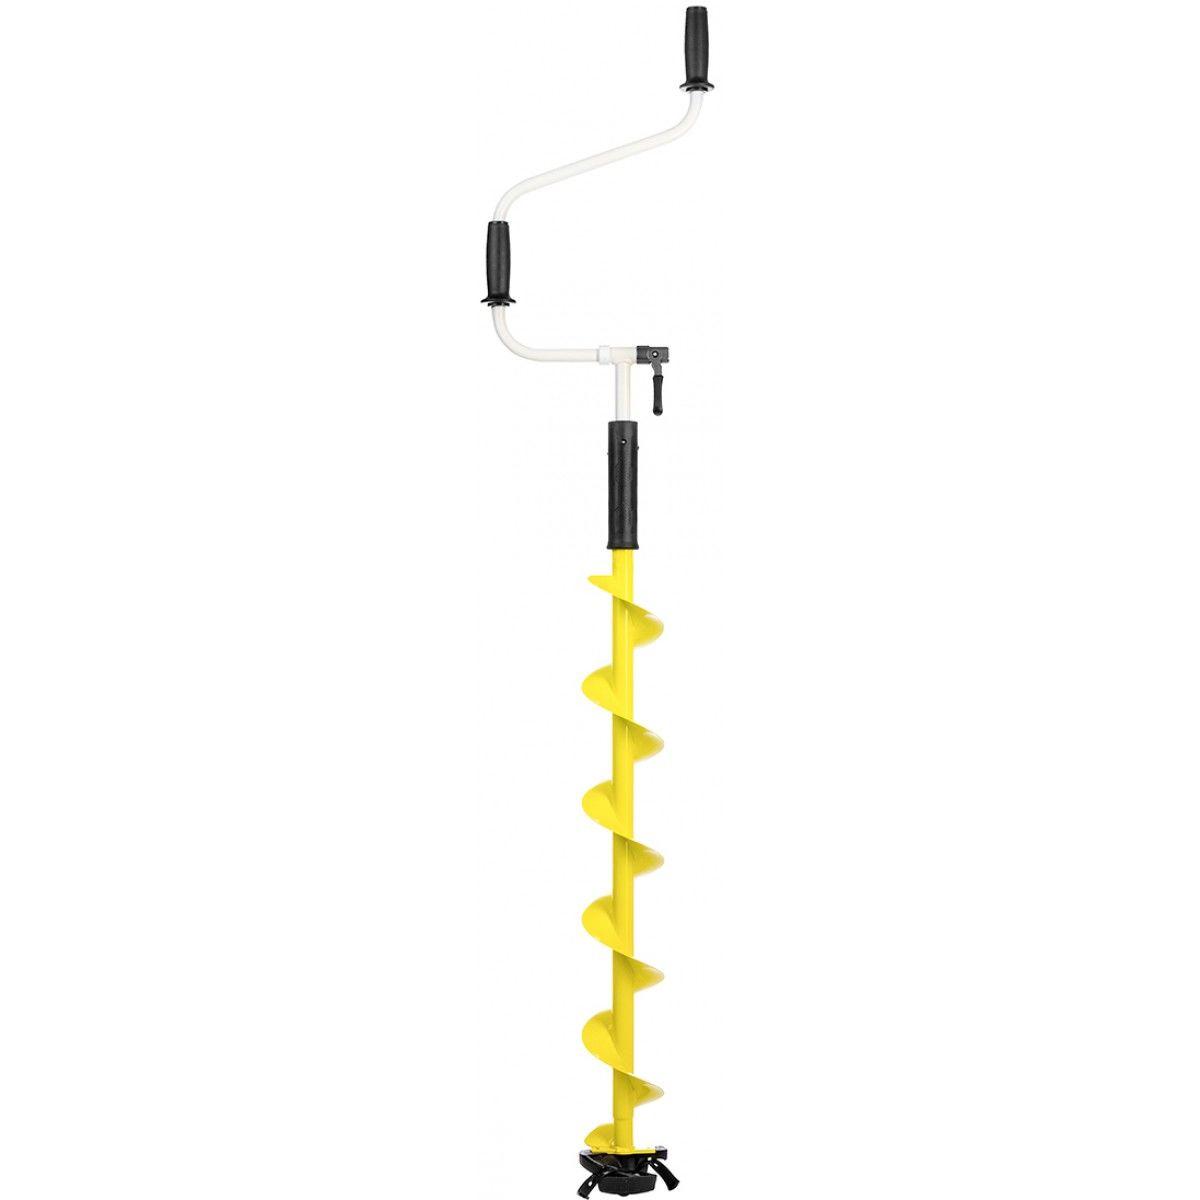 Ледобур ICEBERG-ARCTIC 130(L)-1900 v3.0 от Тонар